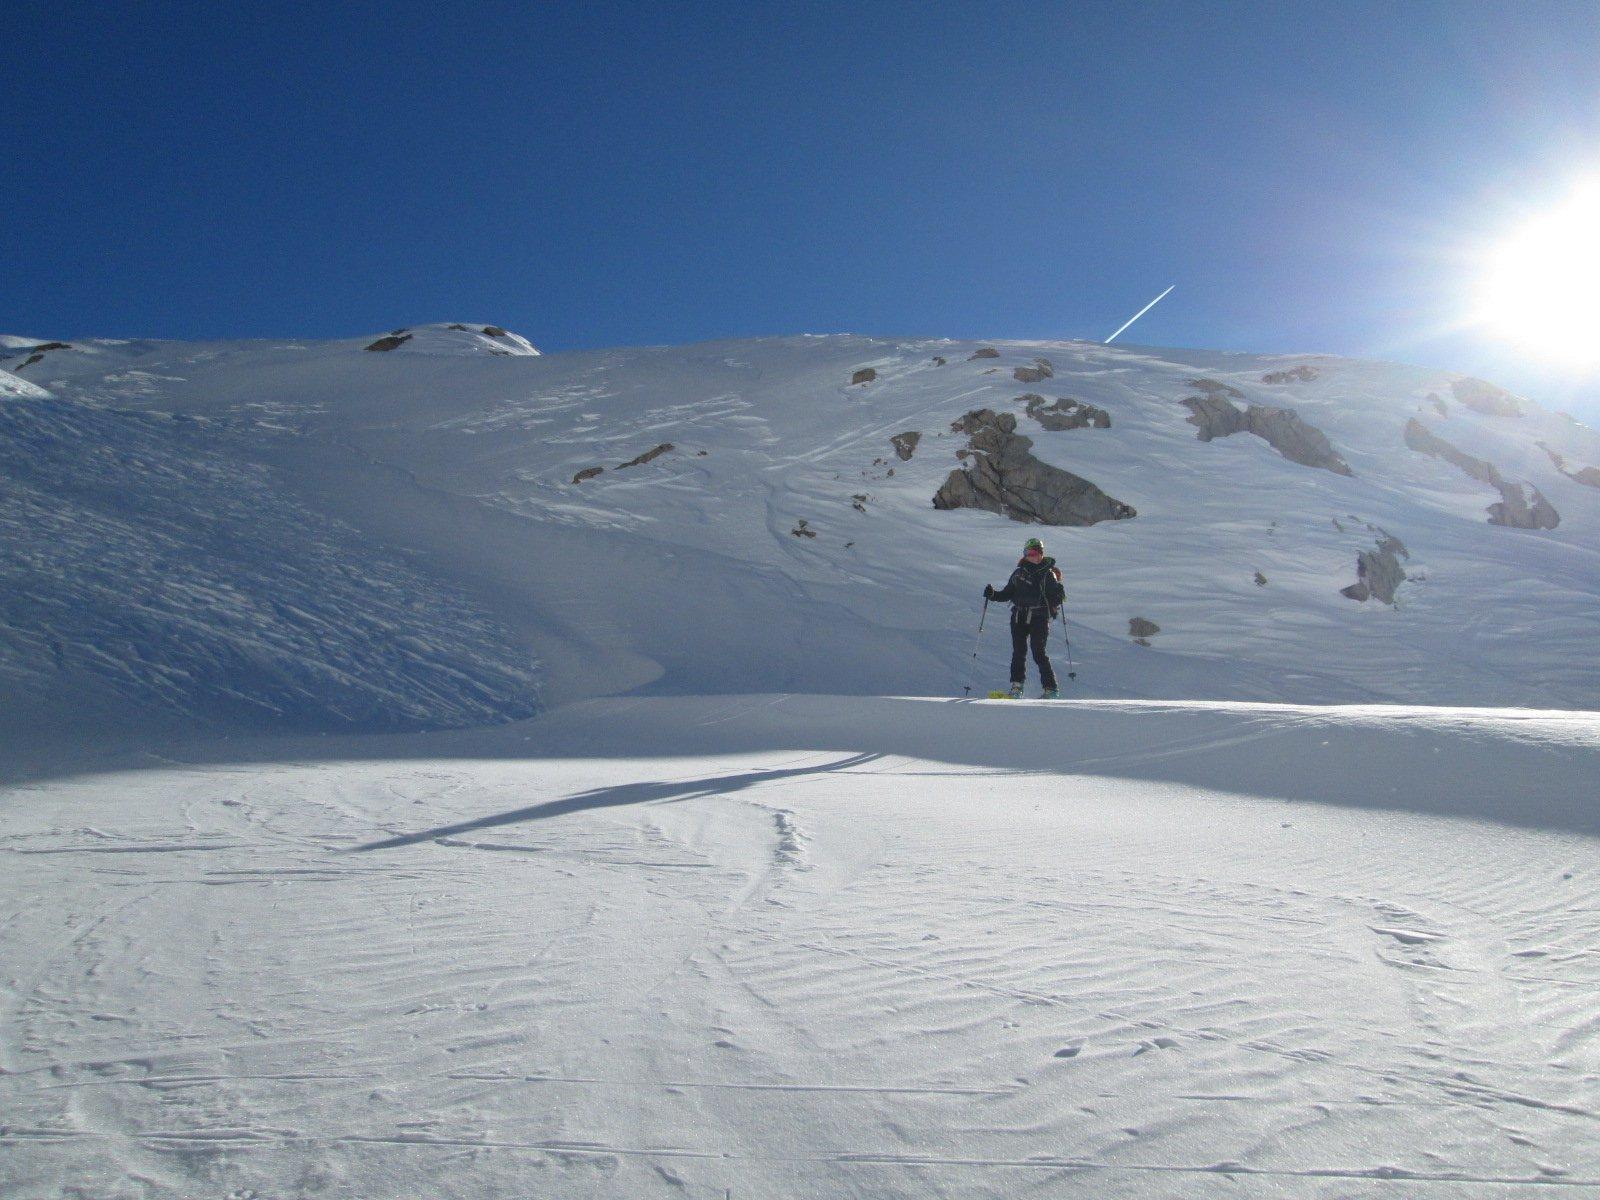 lingue di neve portante e sciabile